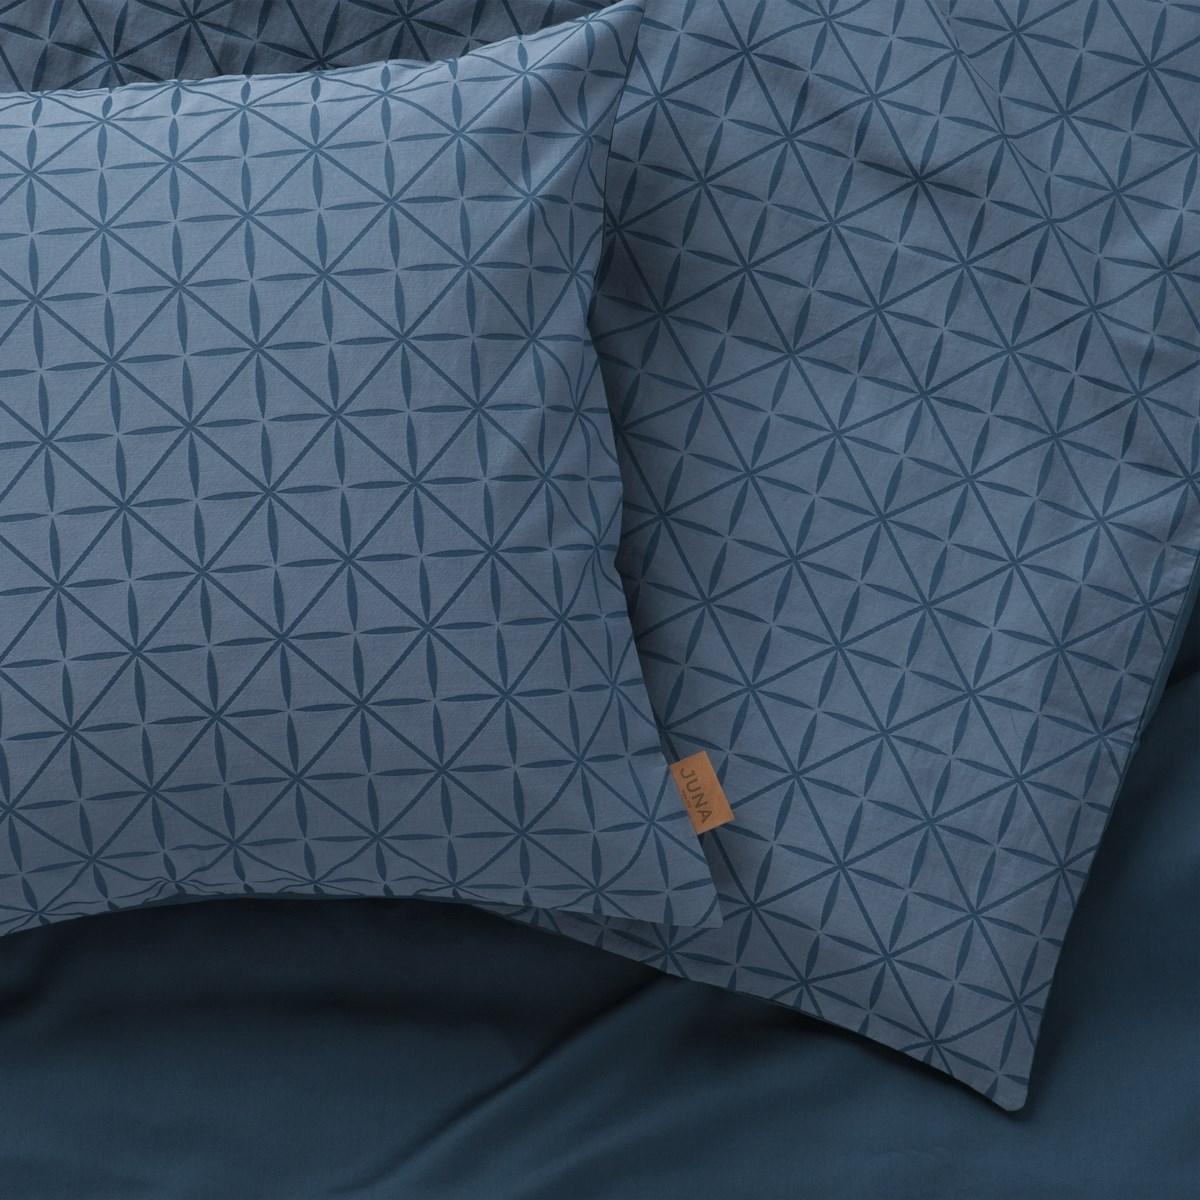 Fantastisk Juna Stars sengetøj. Blå. 140 x 200 cm. sengetøj - Skiftselv.dk WA11